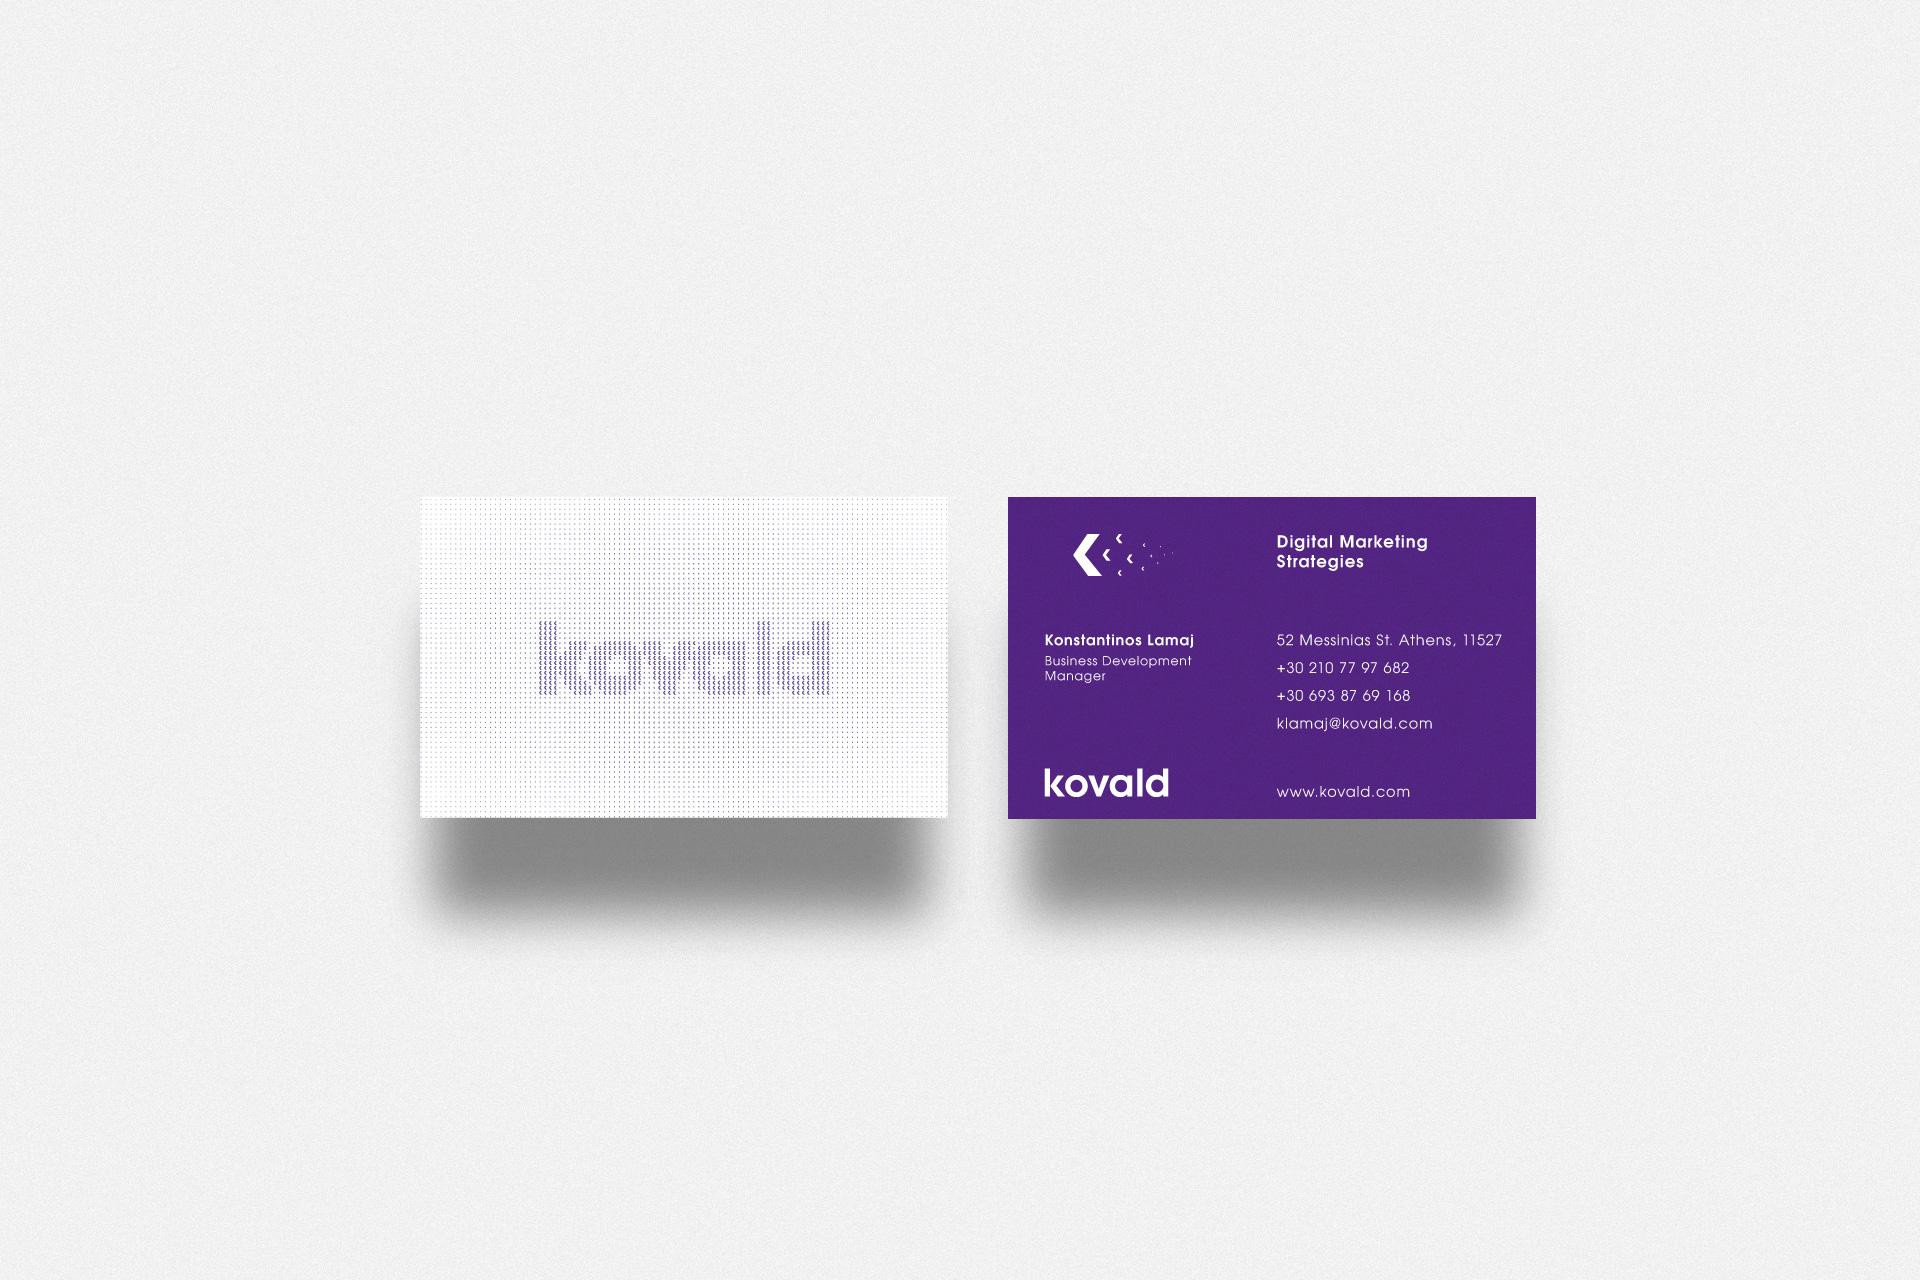 4a_Kovald